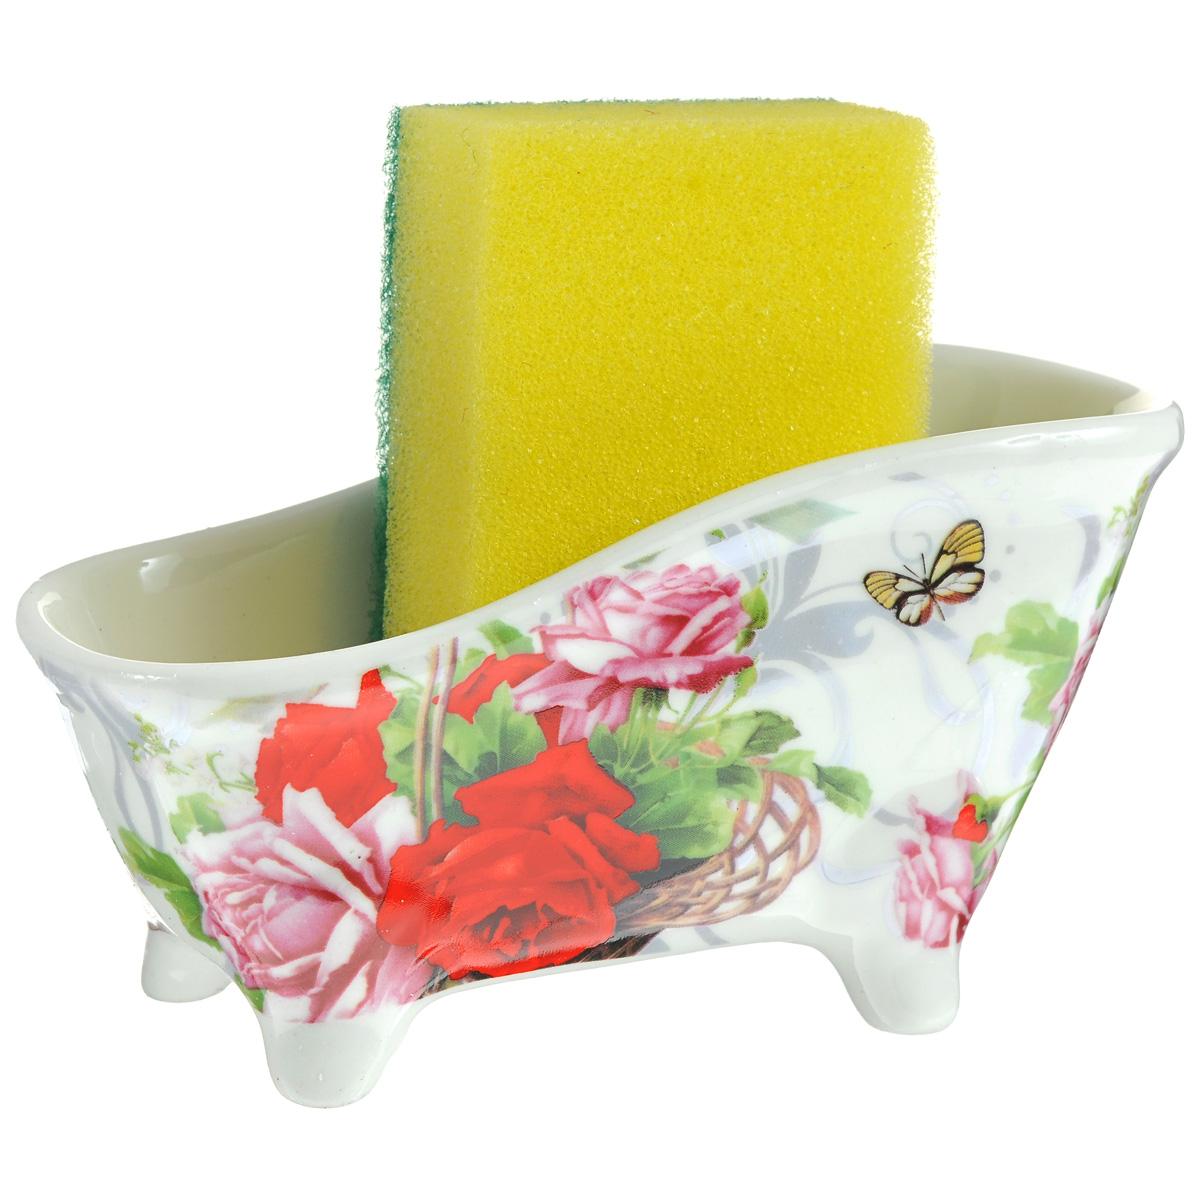 Набор для мытья посуды Besko Корзина роз, 2 предмета. 532-1560509237Набор для мытья посуды Besko Корзина роз состоит из подставки и губки. Подставка выполнена из фарфора в виде ванночки на четырех ножках. Губка идеально впитывает влагу и деликатно очищает поверхность, не царапая ее. Размер подставки: 14,5 см х 6 см х 7,5 см. Размер губки: 9 см х 6 см х 3 см.Уважаемые клиенты!Обращаем ваше внимание на цветовой ассортимент товара. Поставка осуществляется в зависимости от прихода товара на склад.